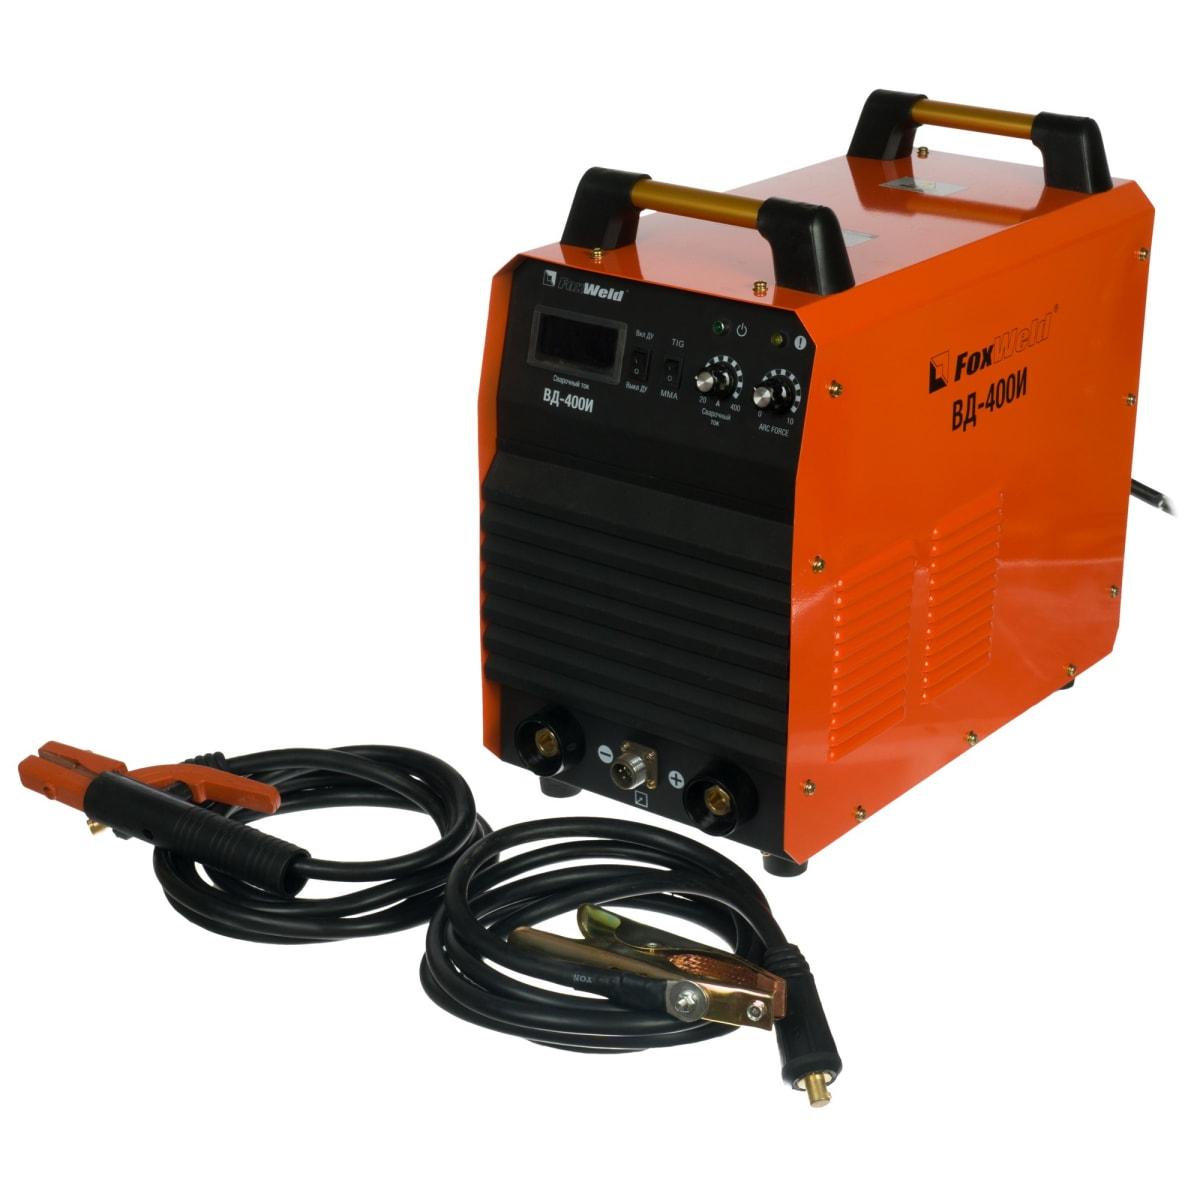 Дуговой сварочный инвертор FoxWeld ВД-400И 3273